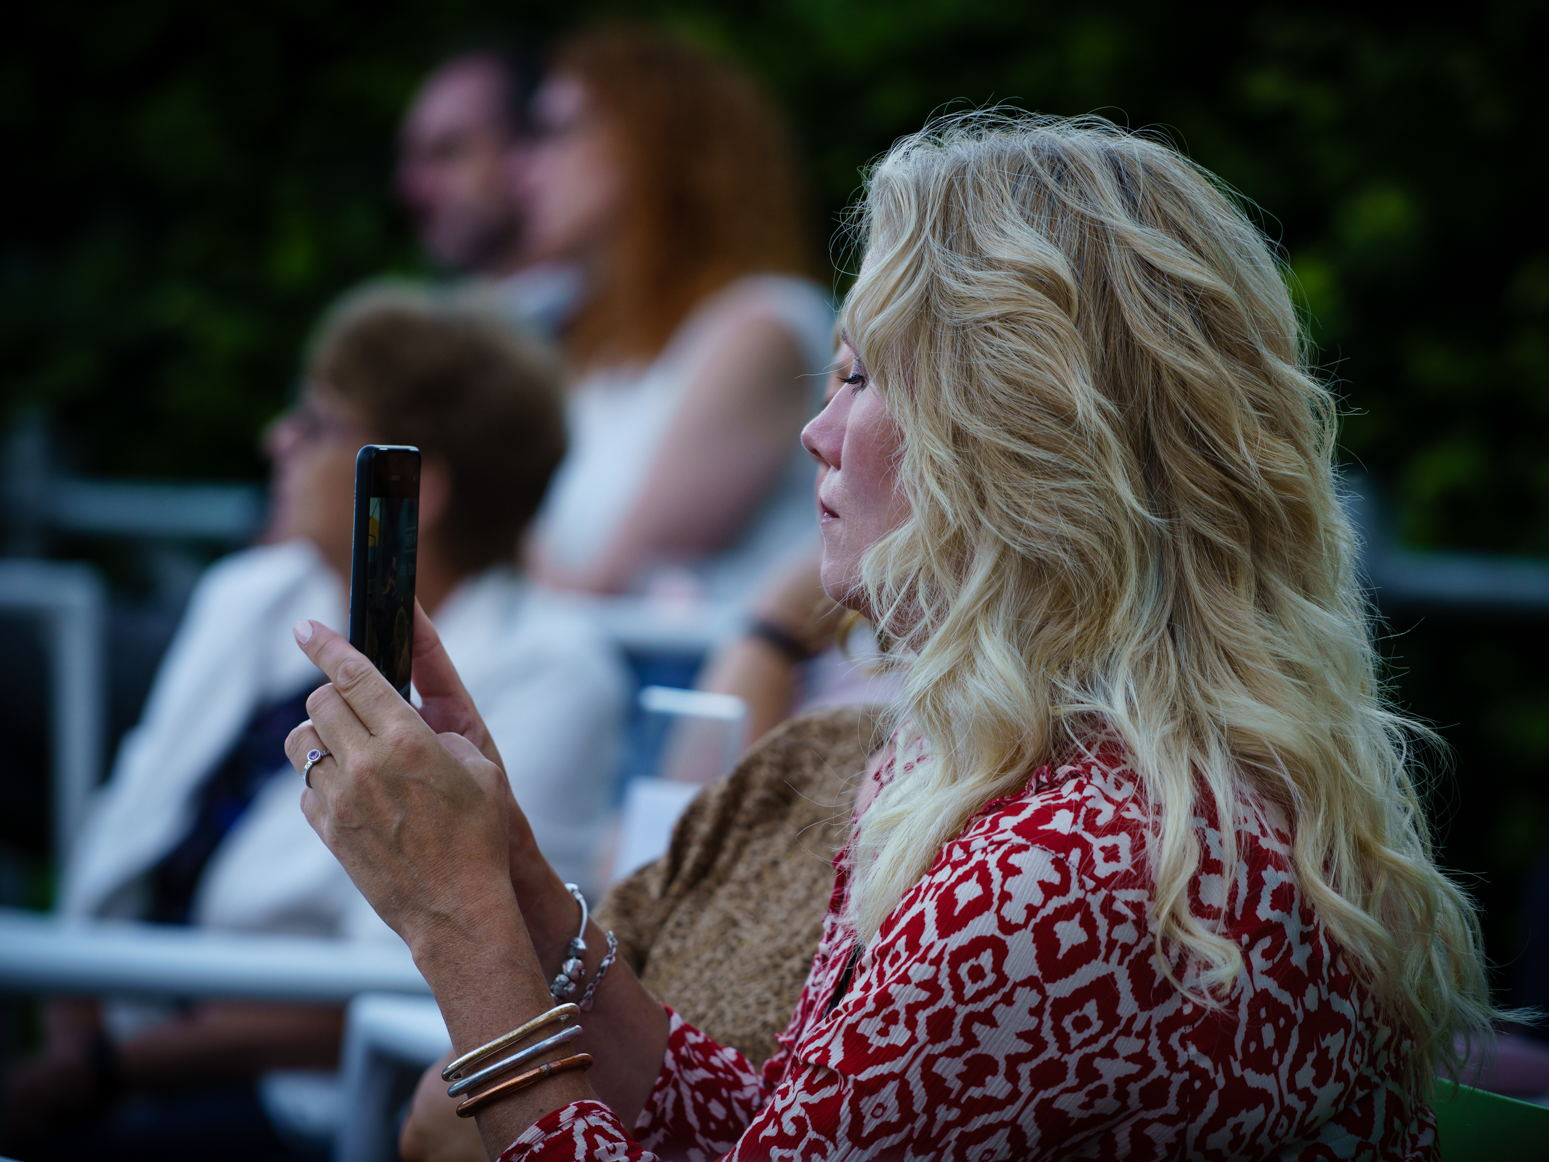 Photo Anya fotografeerde bij het tuinconcert van Frank Boeijen op 17 juli 2021 in Hoogeveen